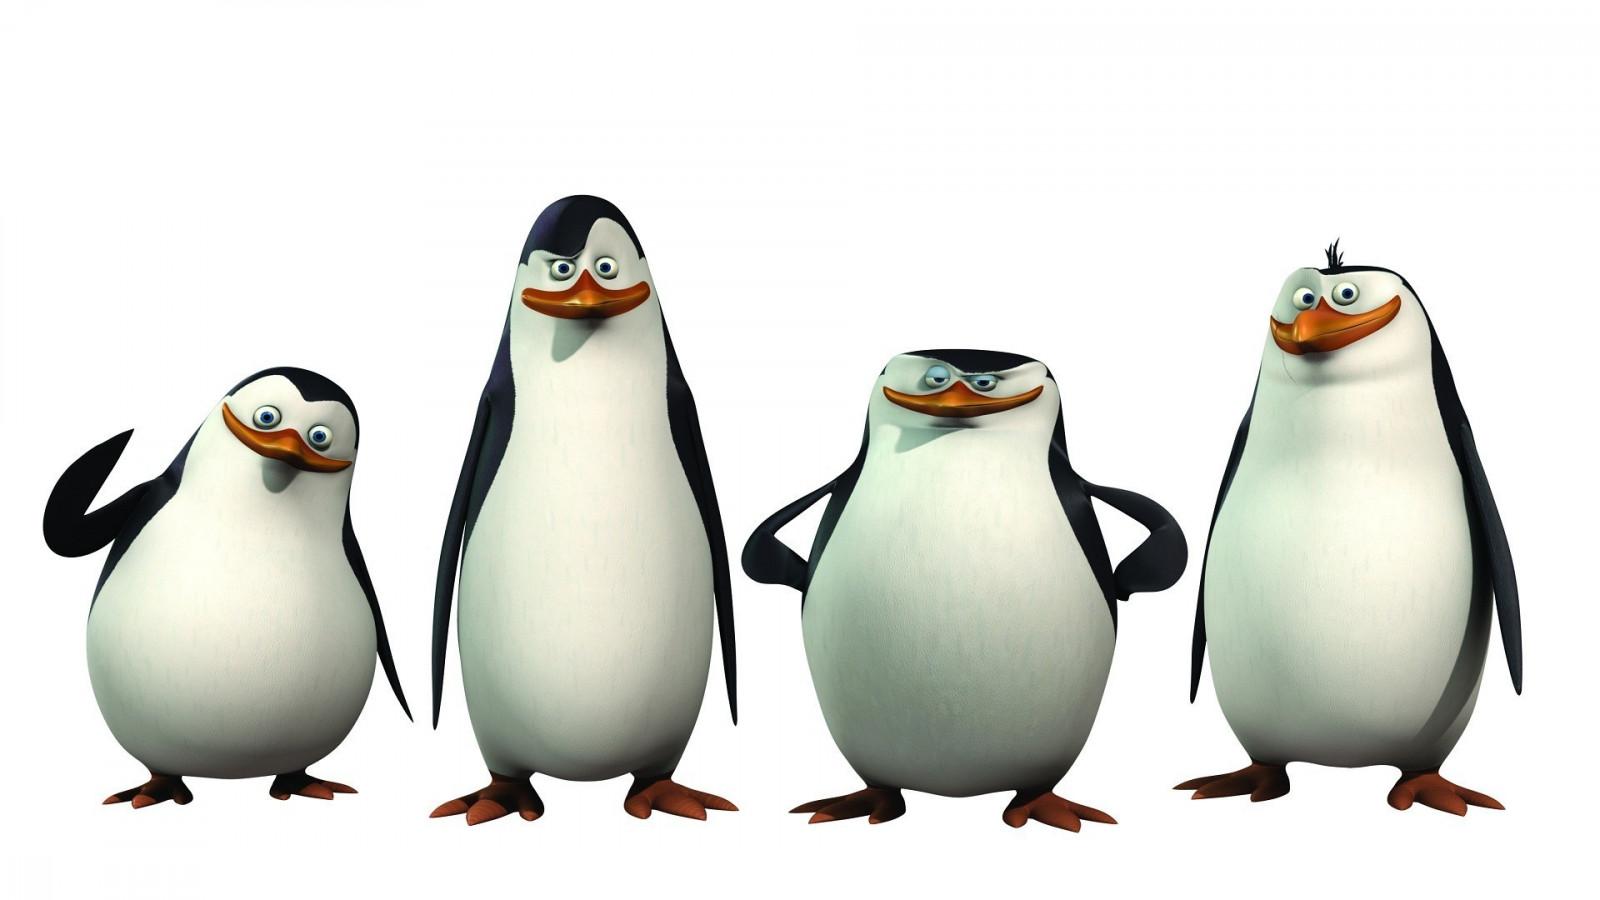 Смешные картинки с пингвинами из мадагаскара